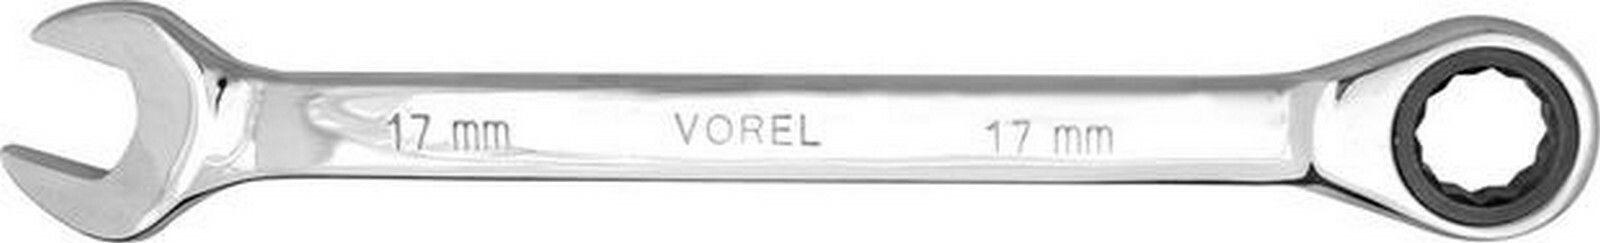 Klíč očkoplochý ráčnový 10 mm CrV TOYA